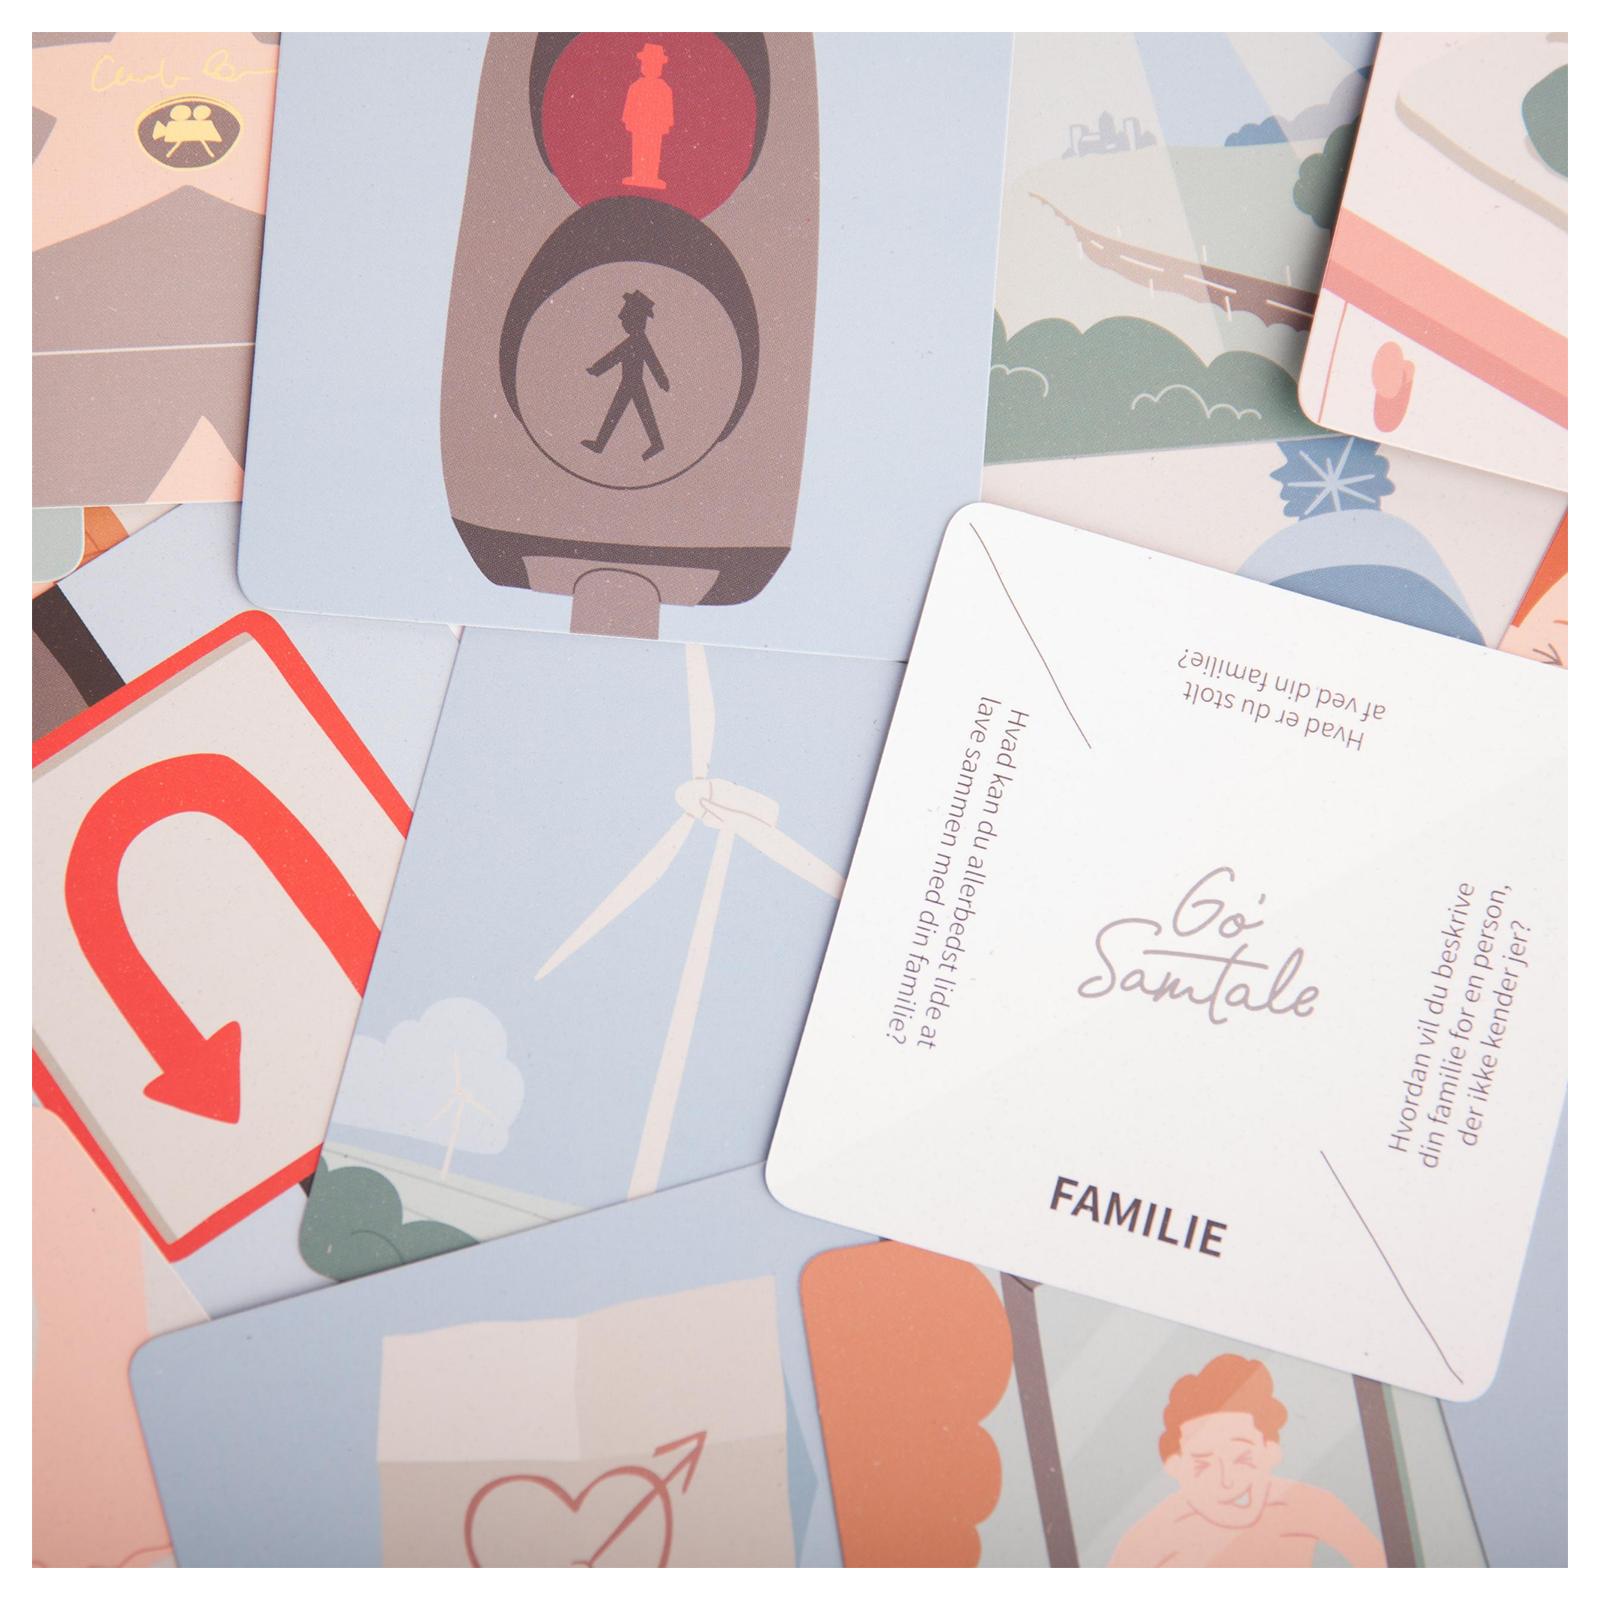 Go samtale - familie - hvad er du stolt af ved din familie - familietid - familiespil - familieudgave